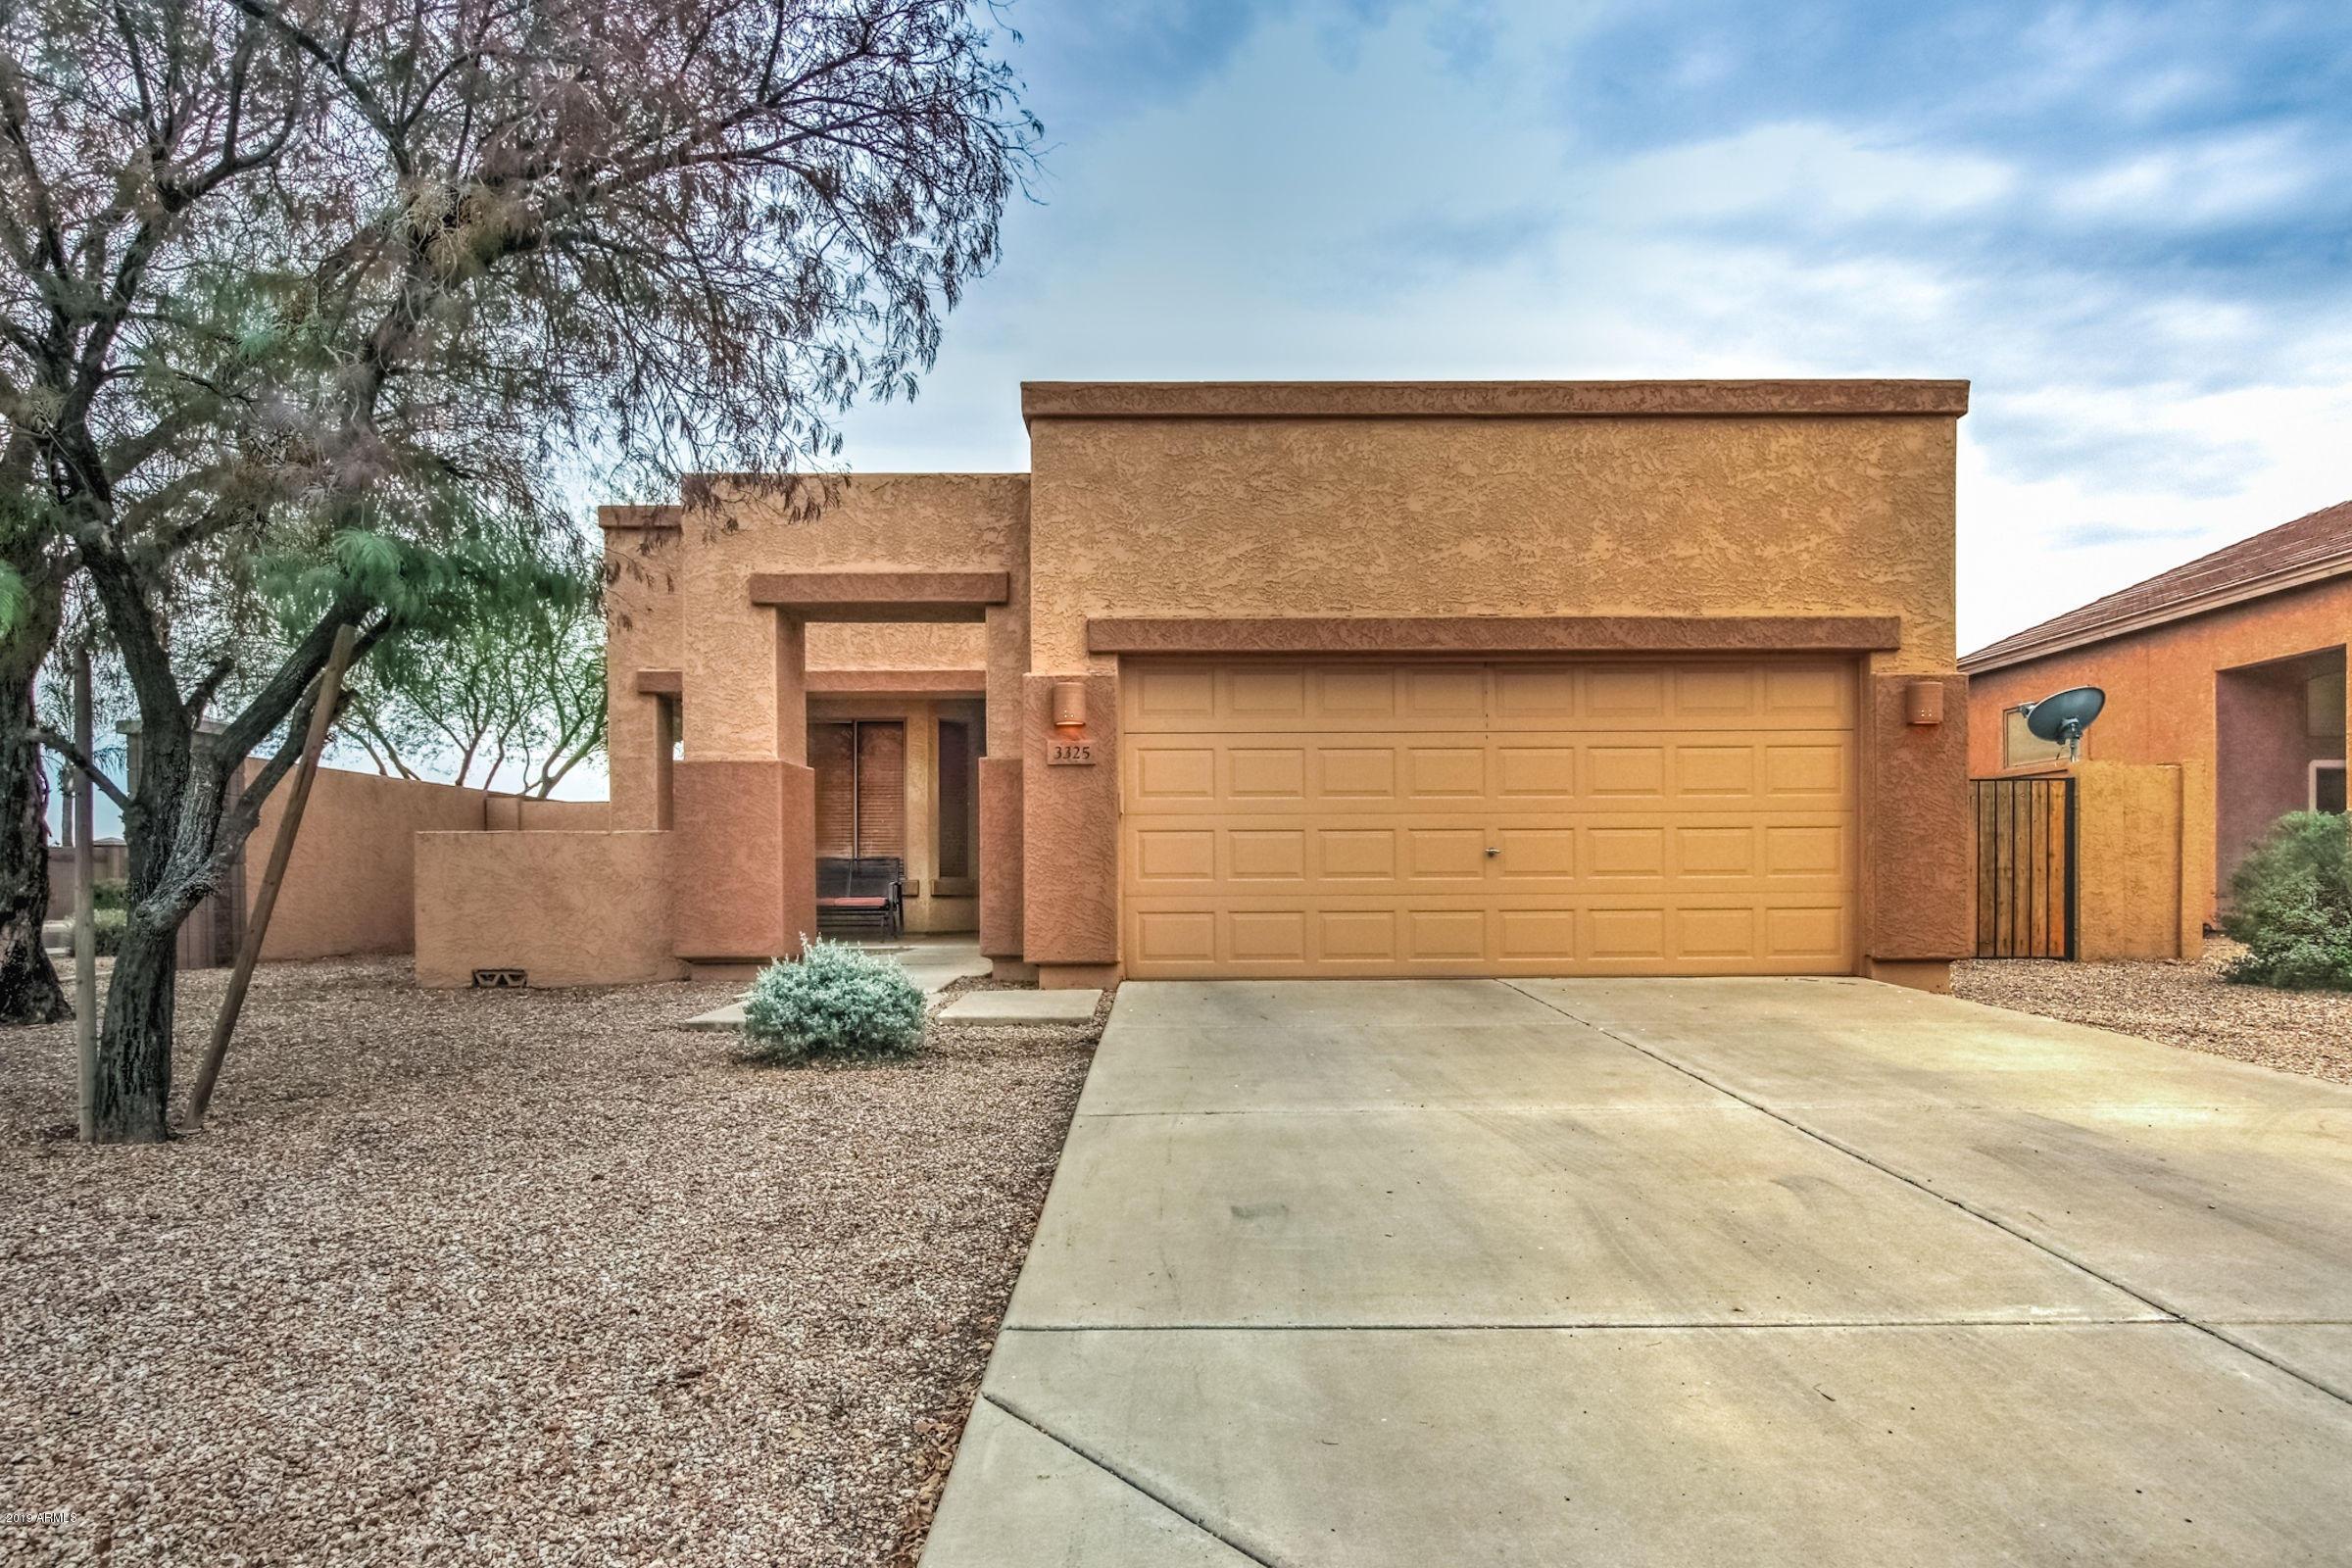 Photo of 3325 E HAMPTON Lane, Gilbert, AZ 85295